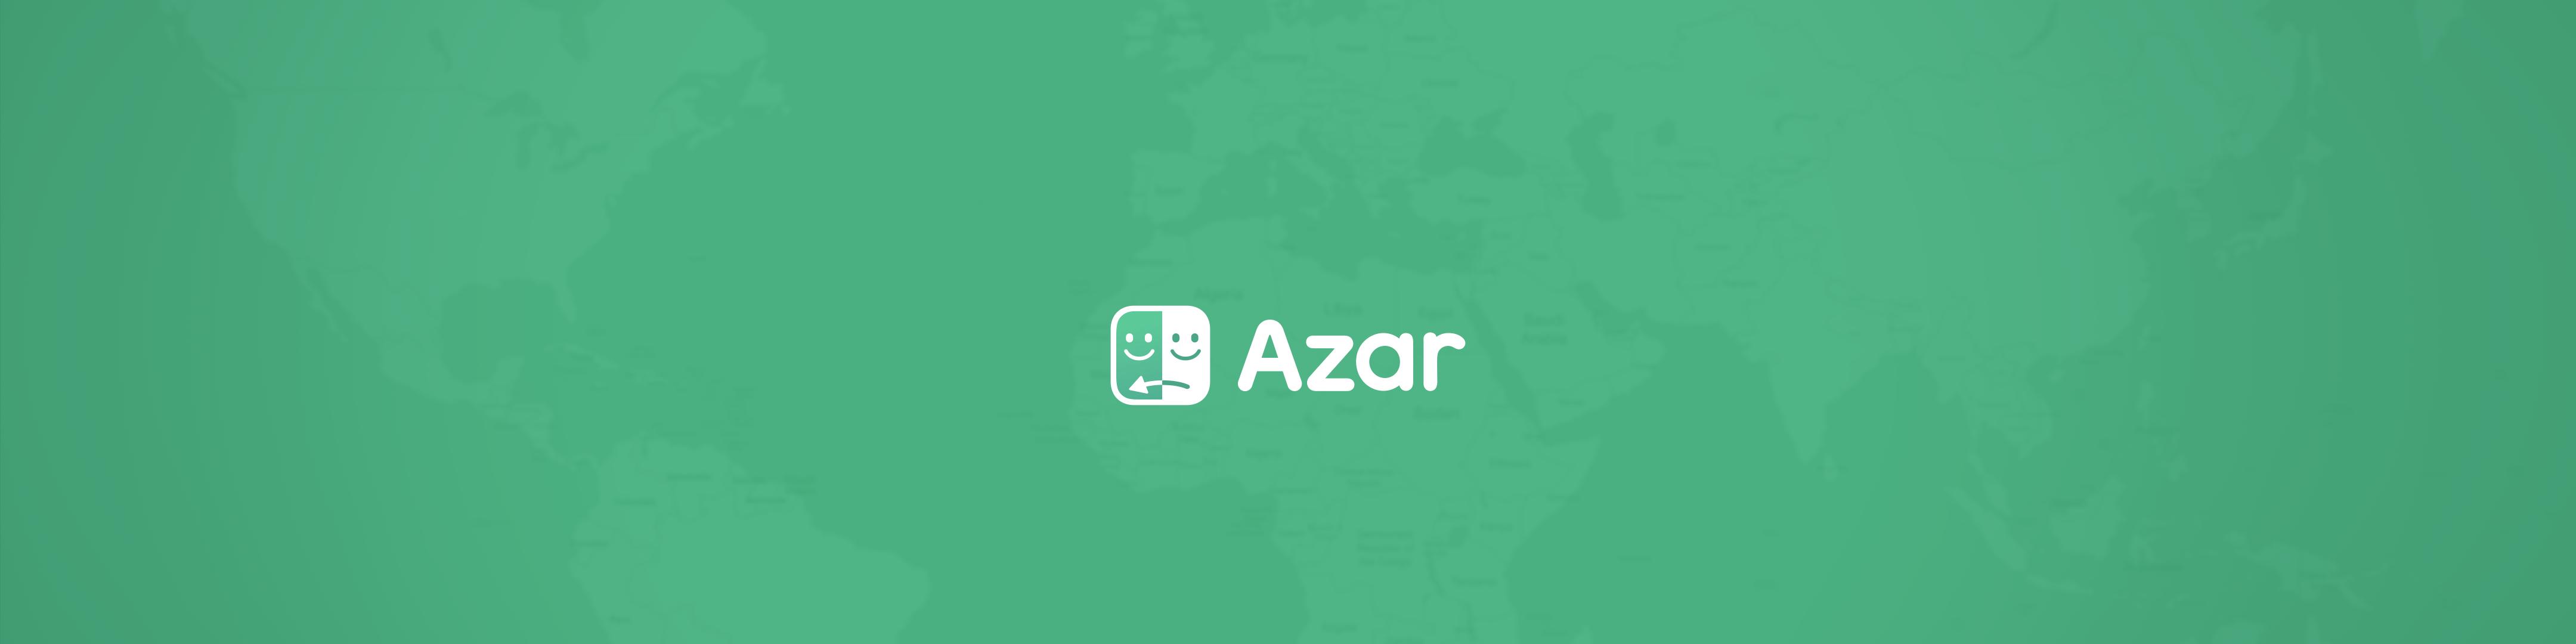 Azar – Test, Avis, Infos et Tarifs